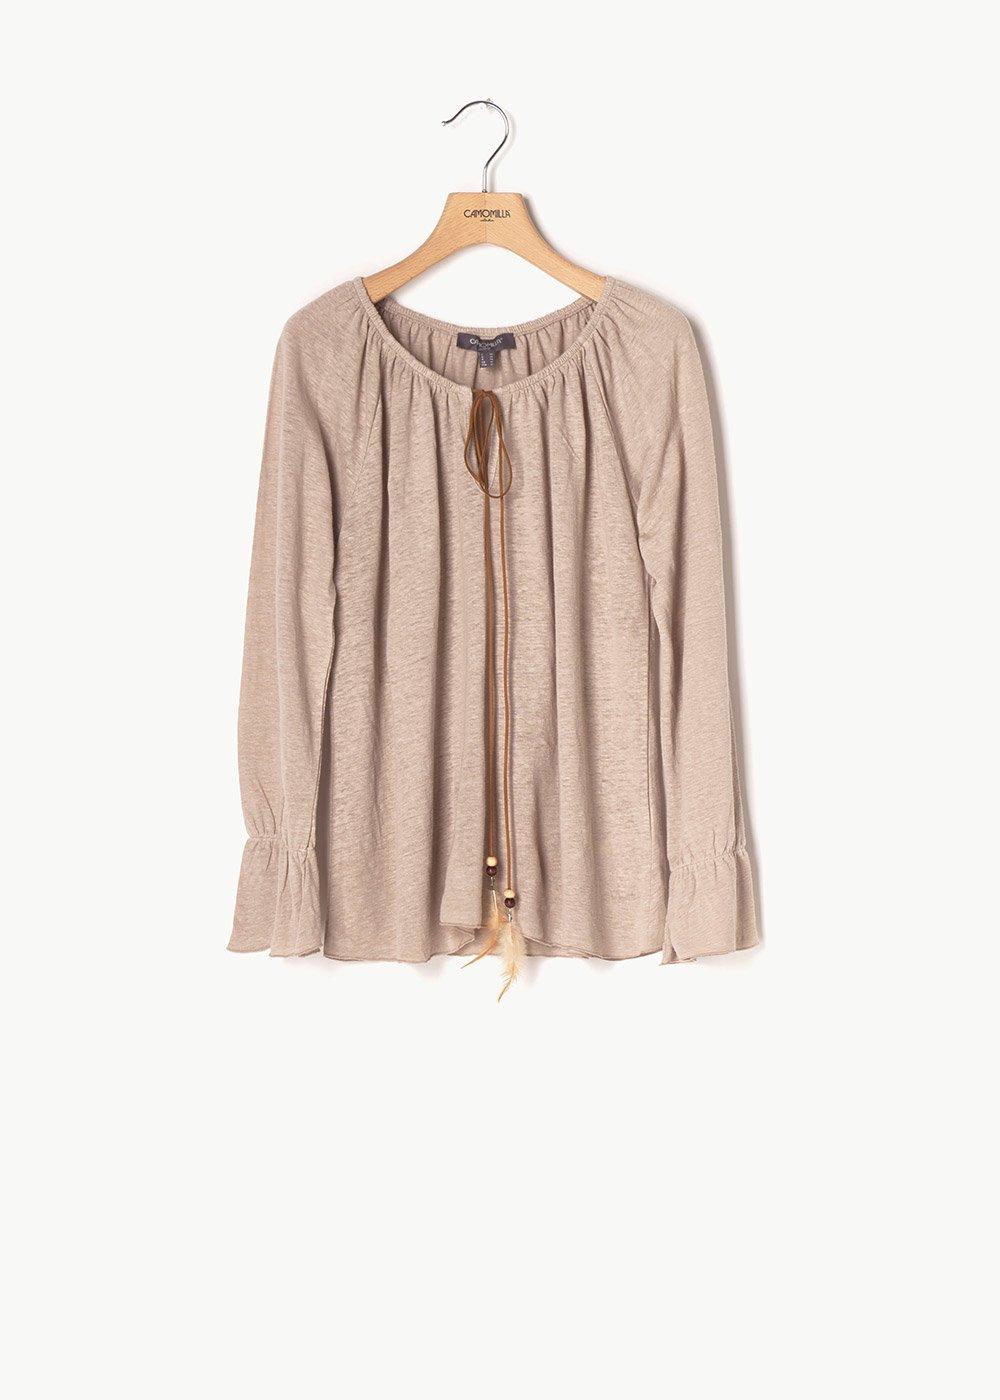 Swamy shirt with round neckline - Light Beige - Woman